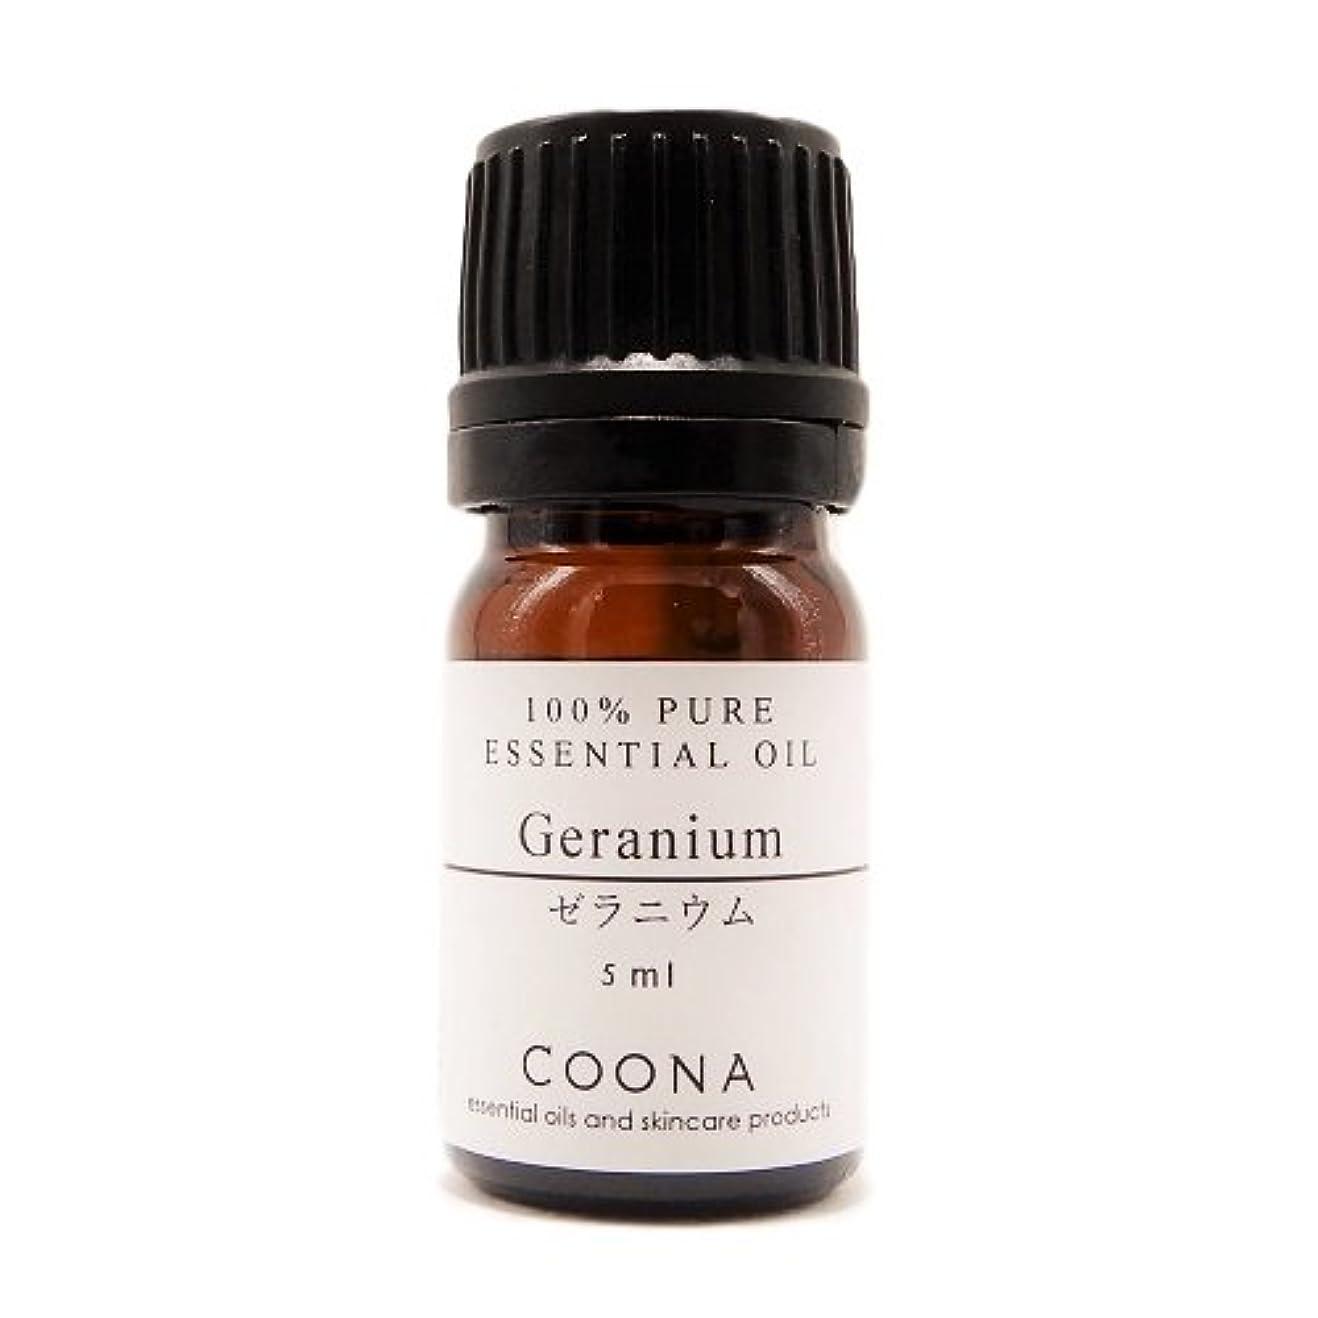 ゼラニウム 5ml (COONA エッセンシャルオイル アロマオイル 100%天然植物精油)